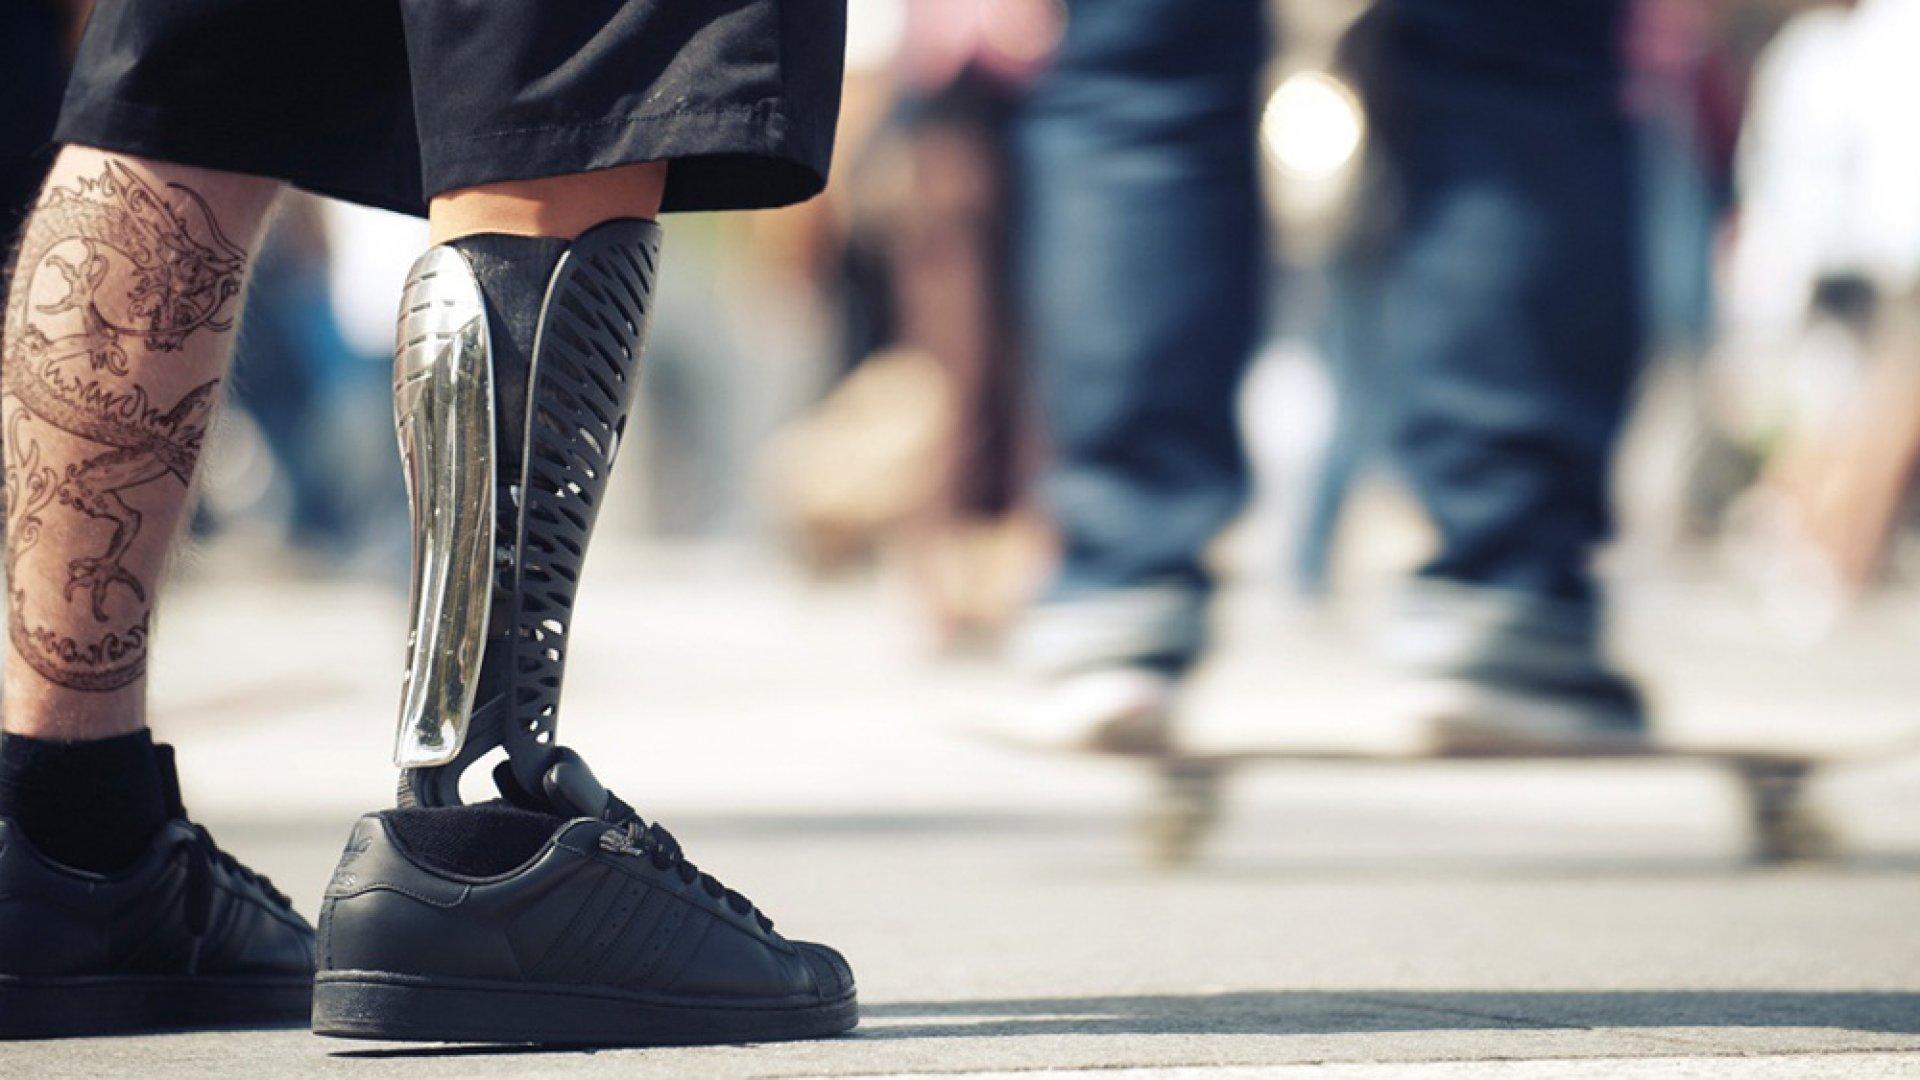 Bespoke Innovations Prosthetic.